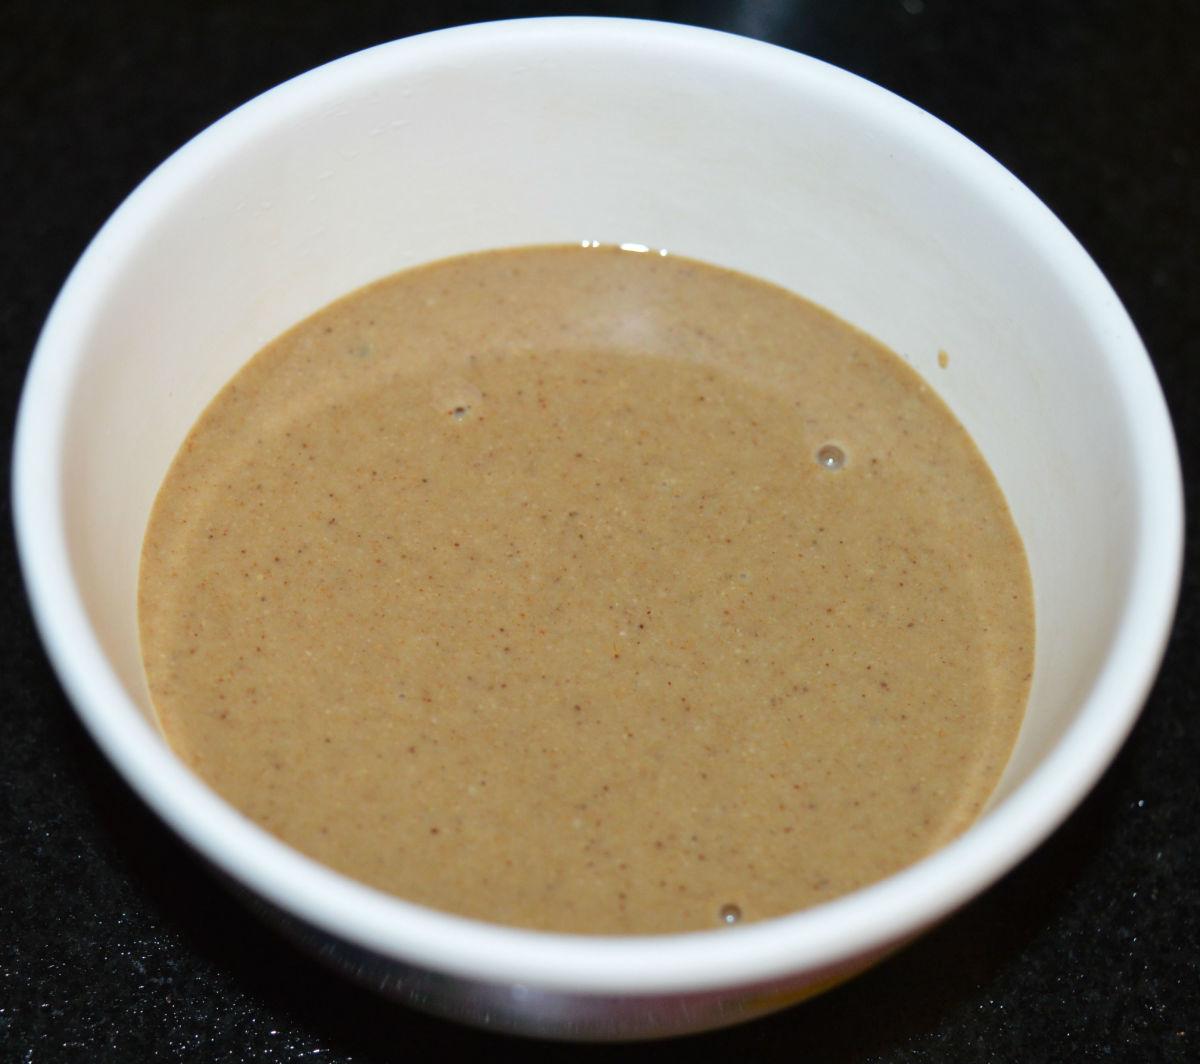 How to Make Tahini (Sesame Seed Paste)